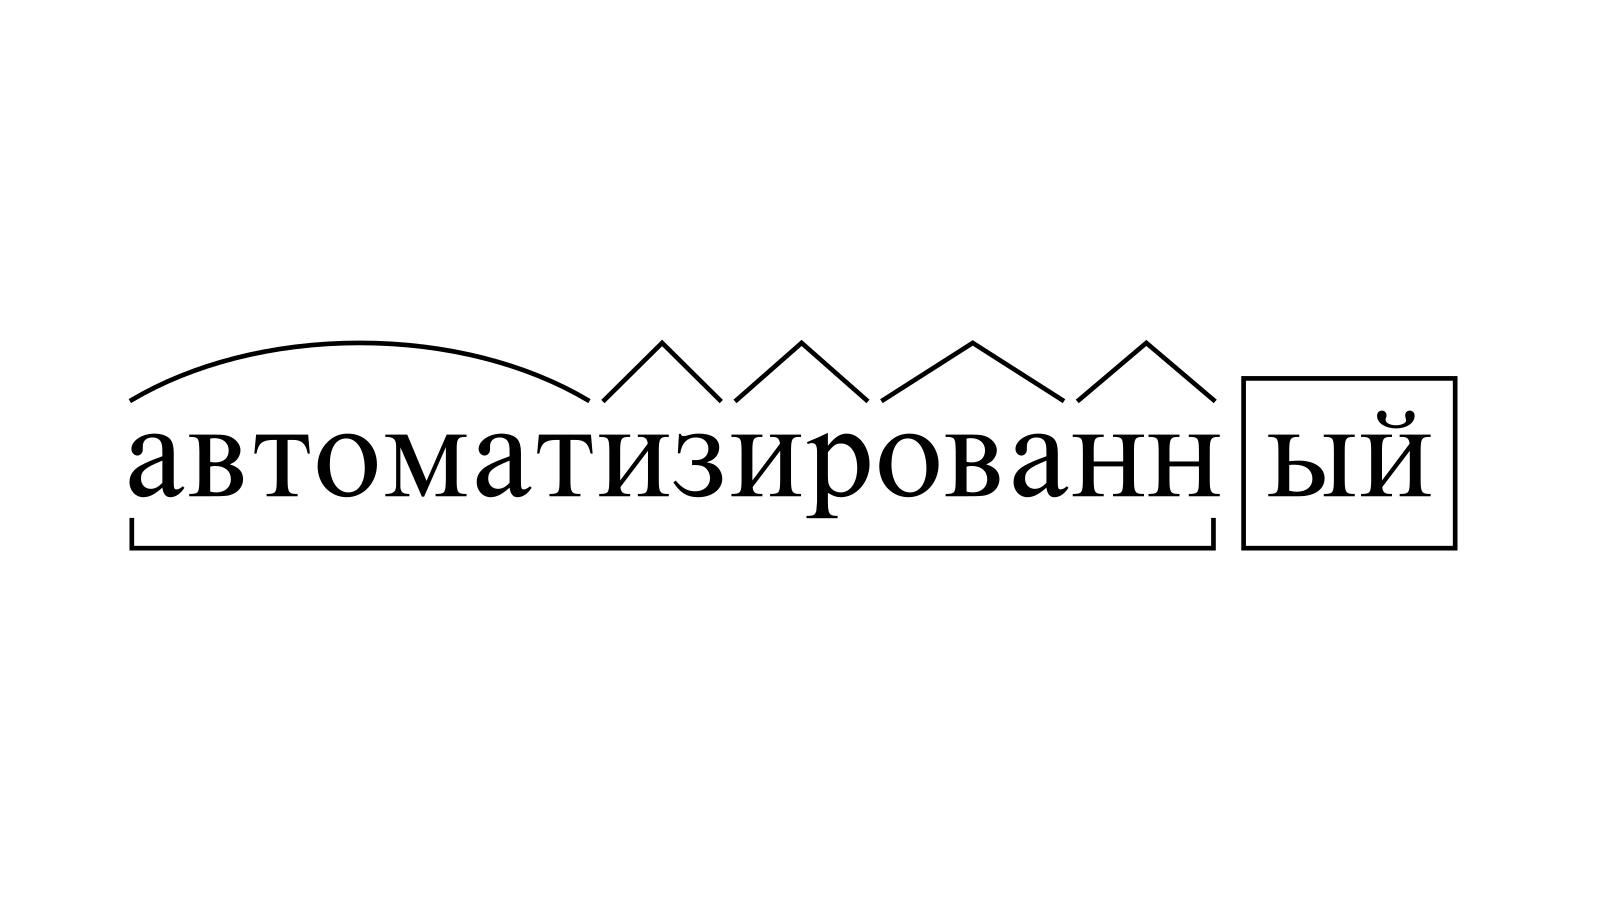 Разбор слова «автоматизированный» по составу